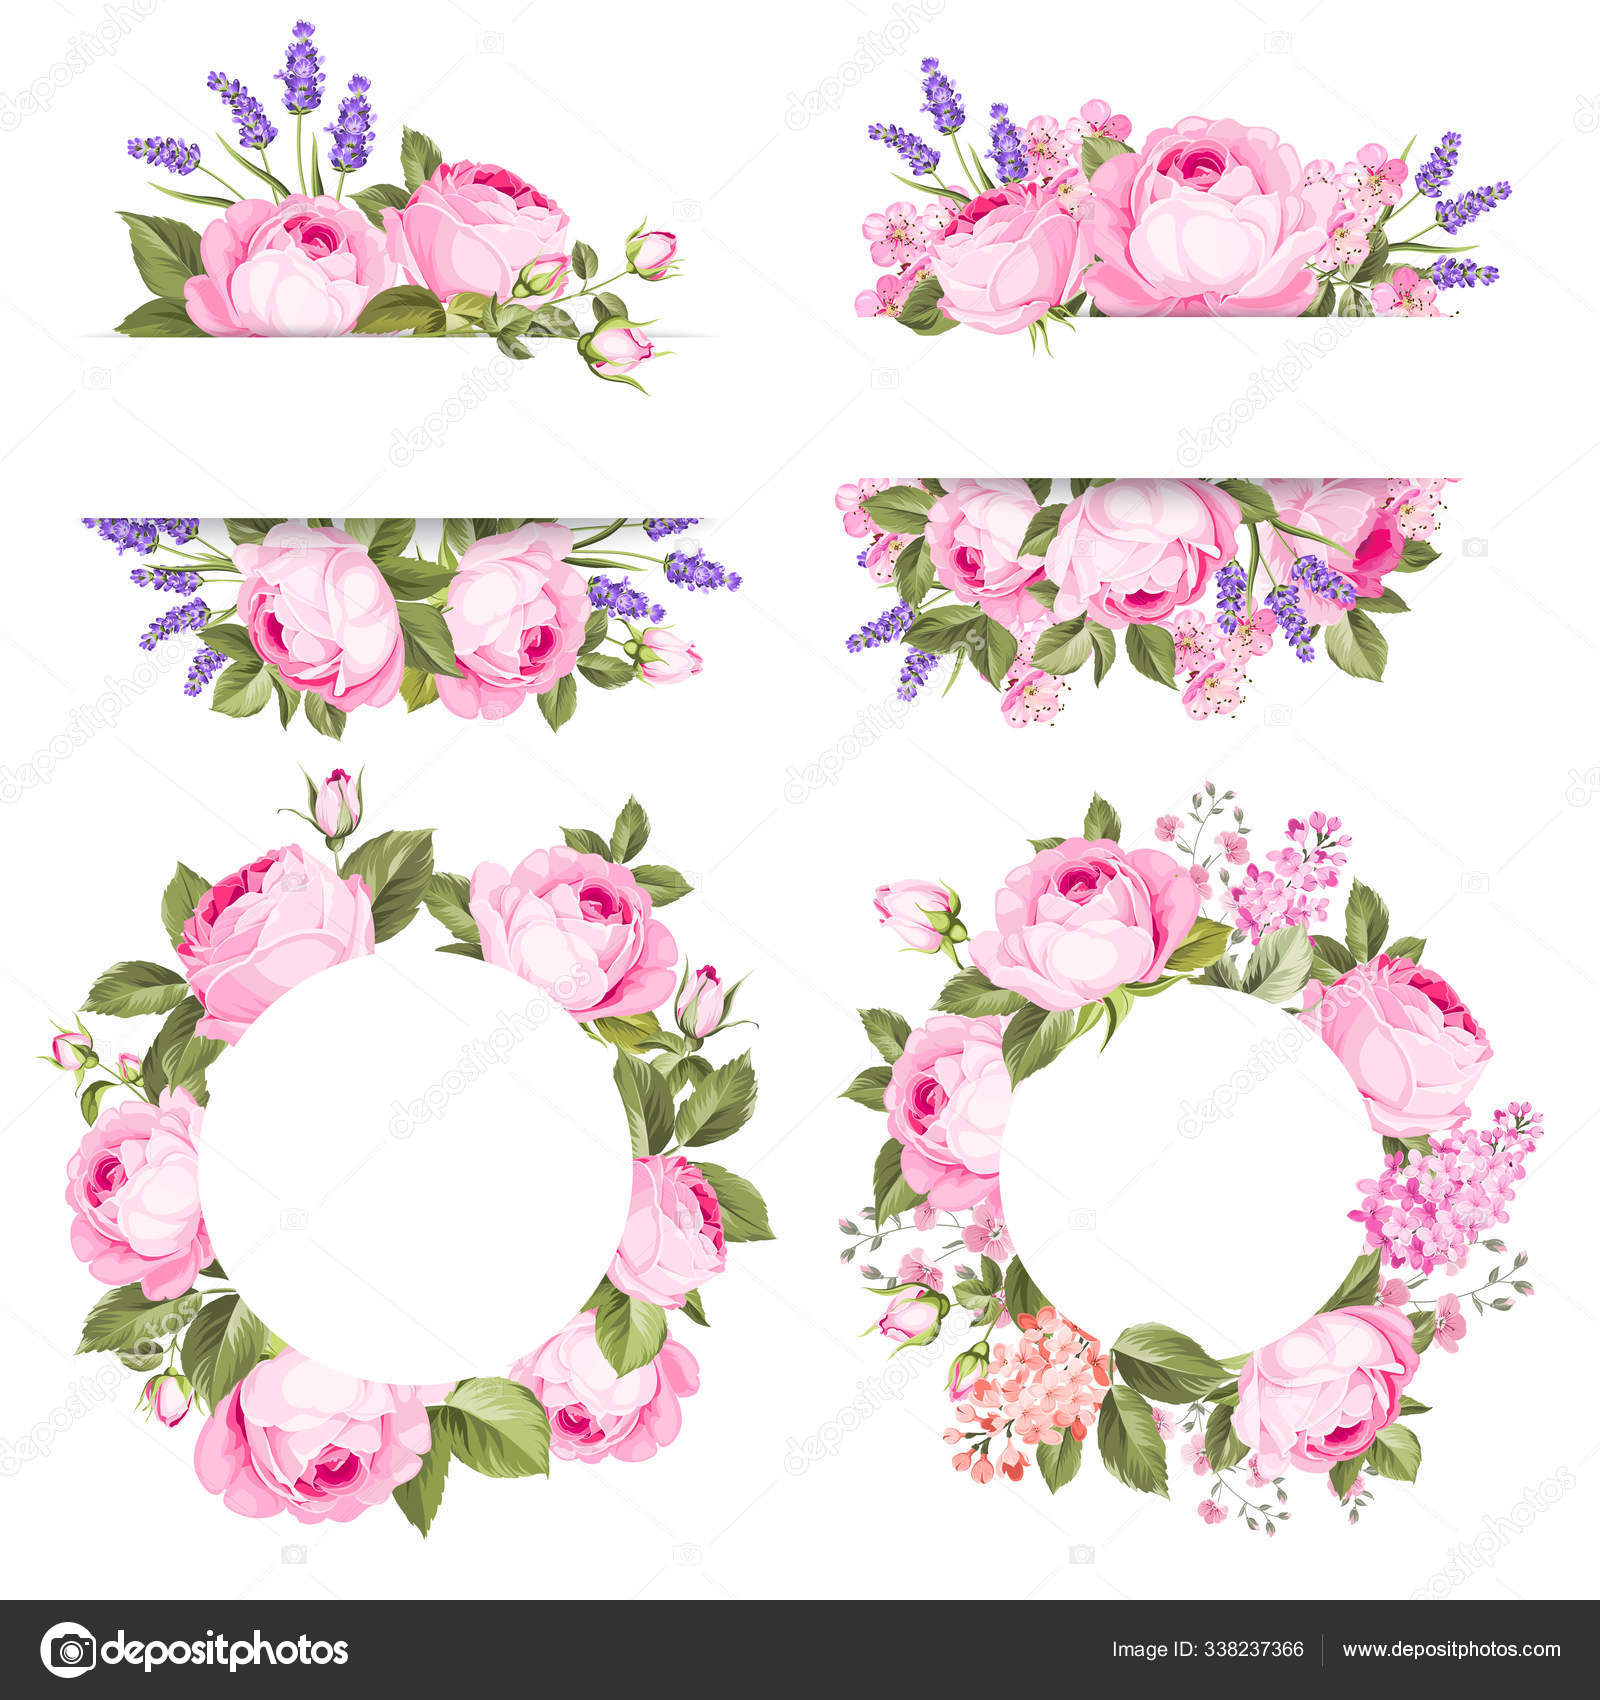 Bunga Mawar Vintage Ditata Di Atas Latar Belakang Putih Bungkusan Bunga Musim Panas Pernikahan Koleksi Bunga Dari Lavender Cat Air Kumpulan Karangan Bunga Dengan Mawar Dan Bunga Lavender Stok Vektor C